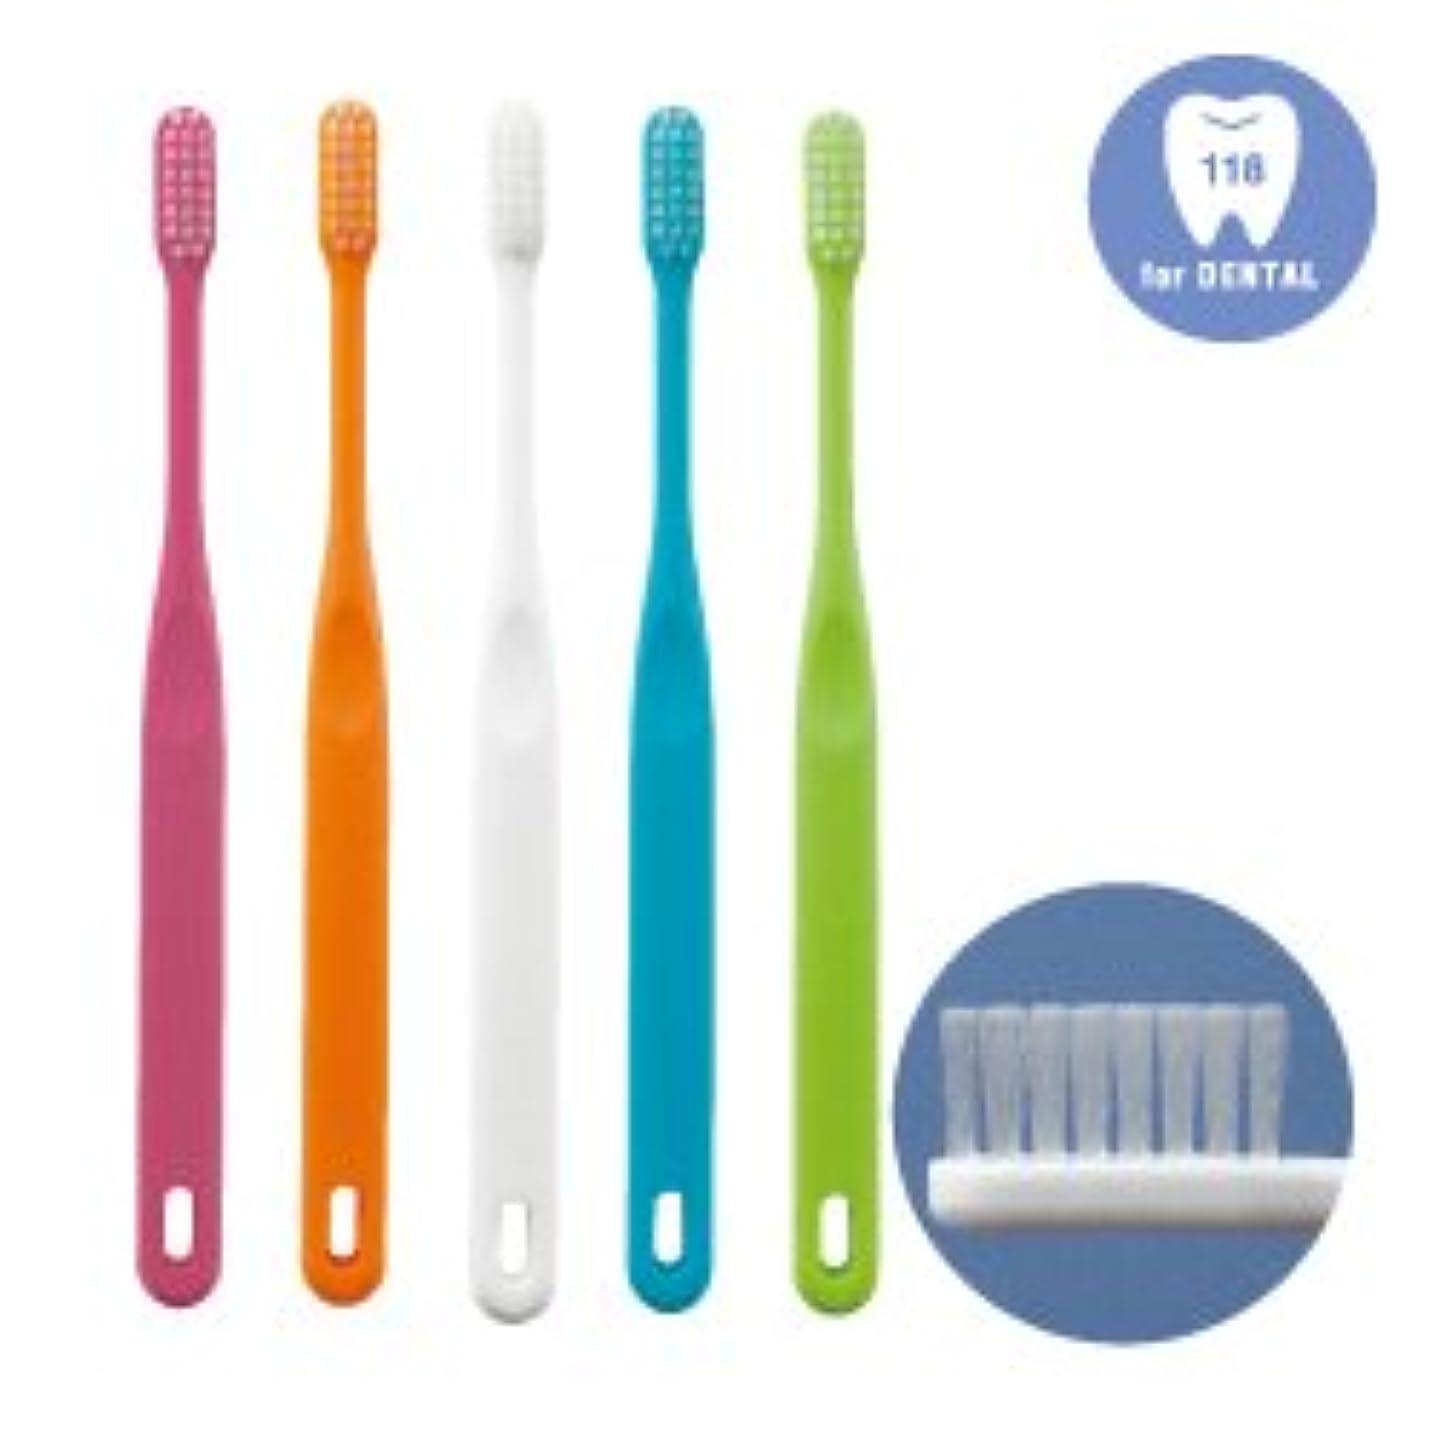 レイプ紳士気取りの、きざな呼び出す歯科専用歯ブラシ「118シリーズ」Advance(アドバンス)M(ふつう)25本